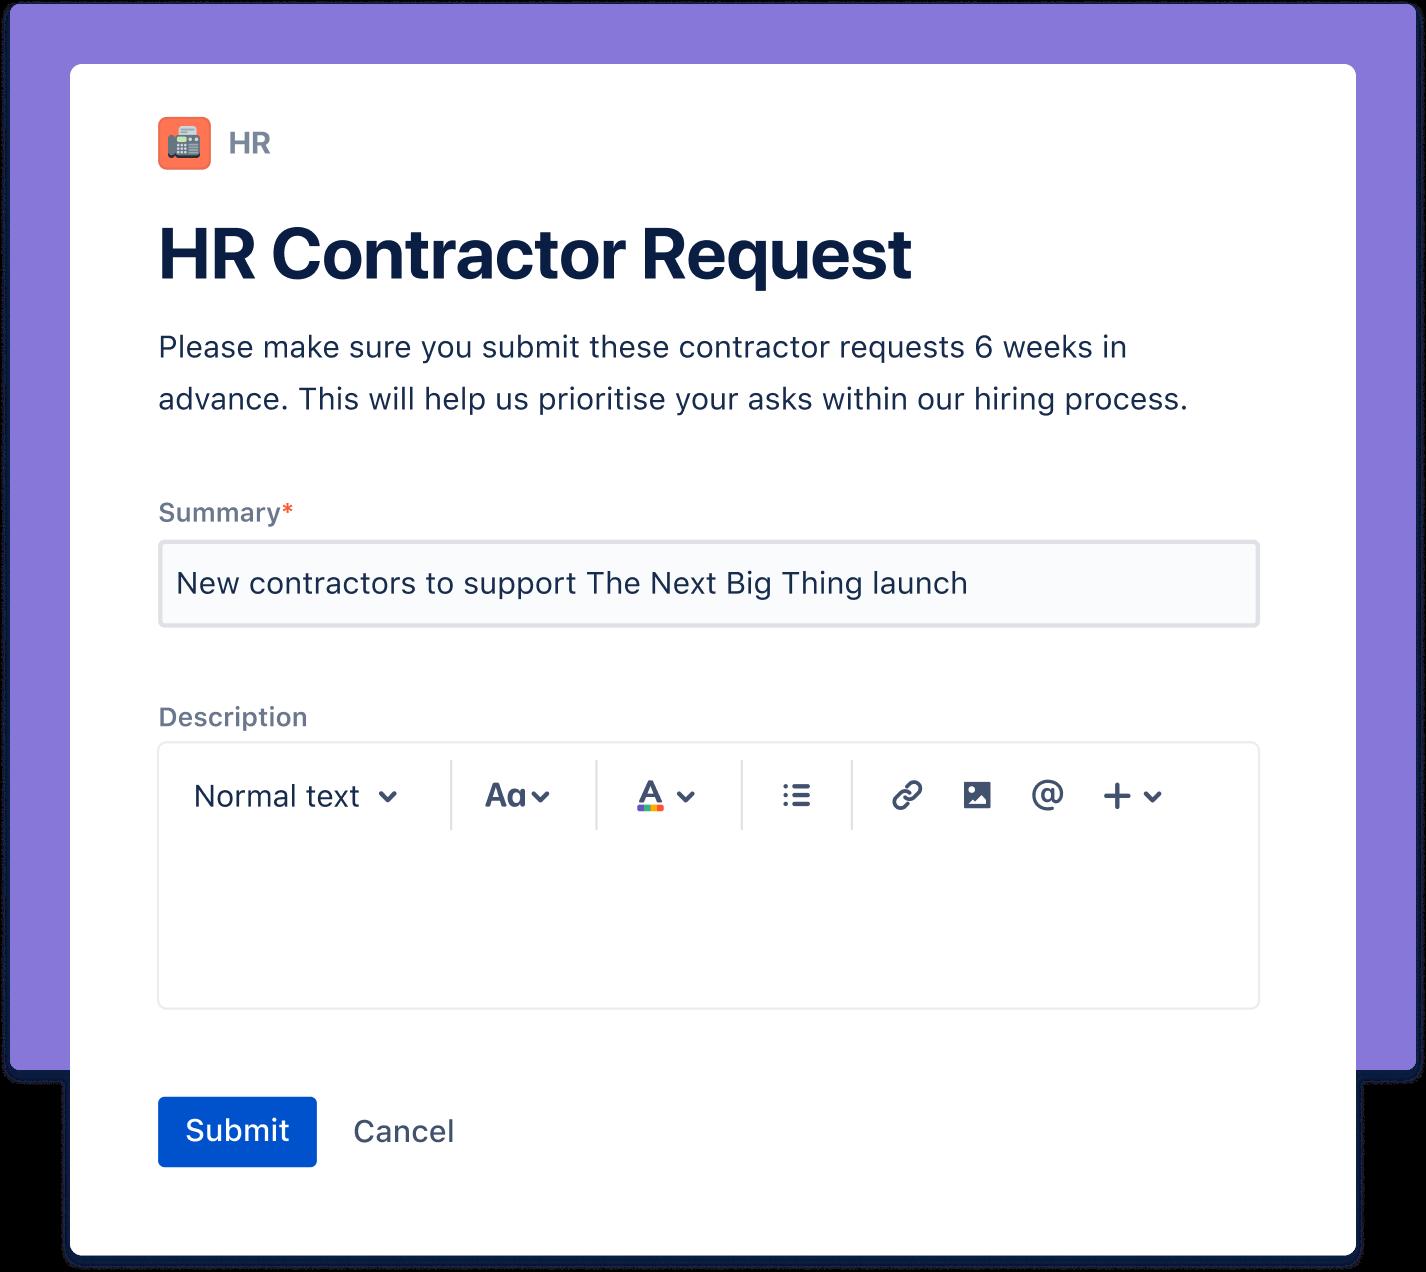 HR 계약자 요청 스크린샷